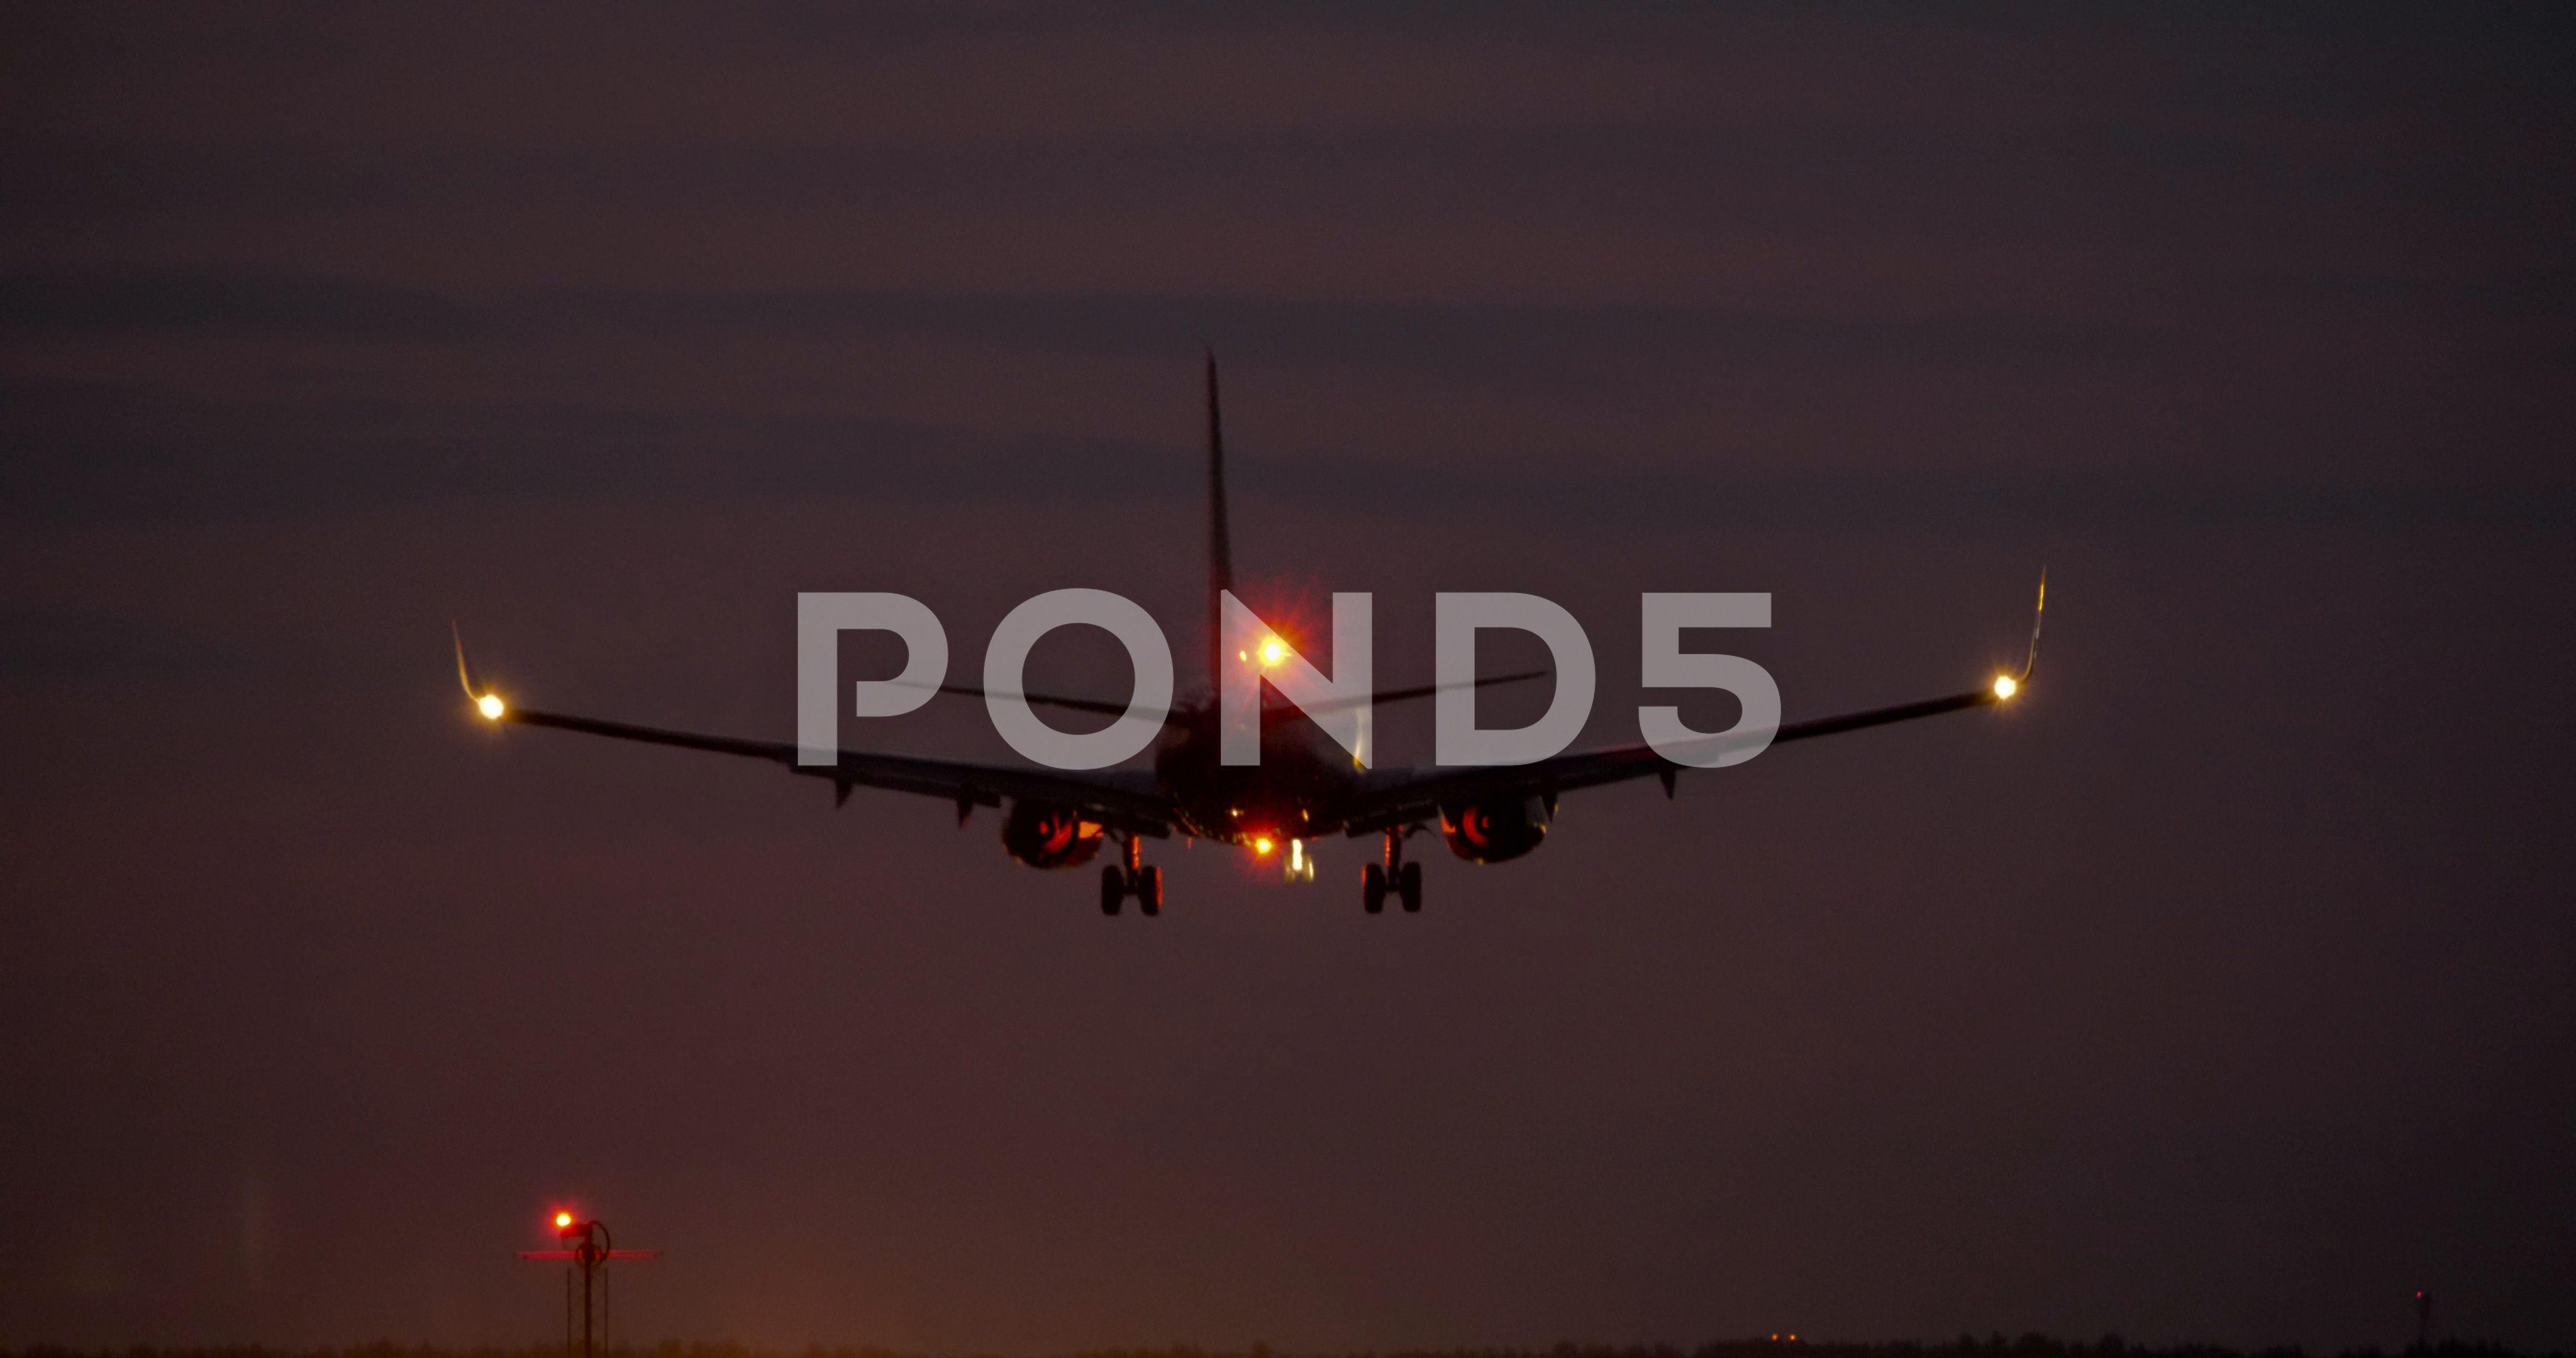 4k Airplane Landing At Night On Runway Ad Night Landing